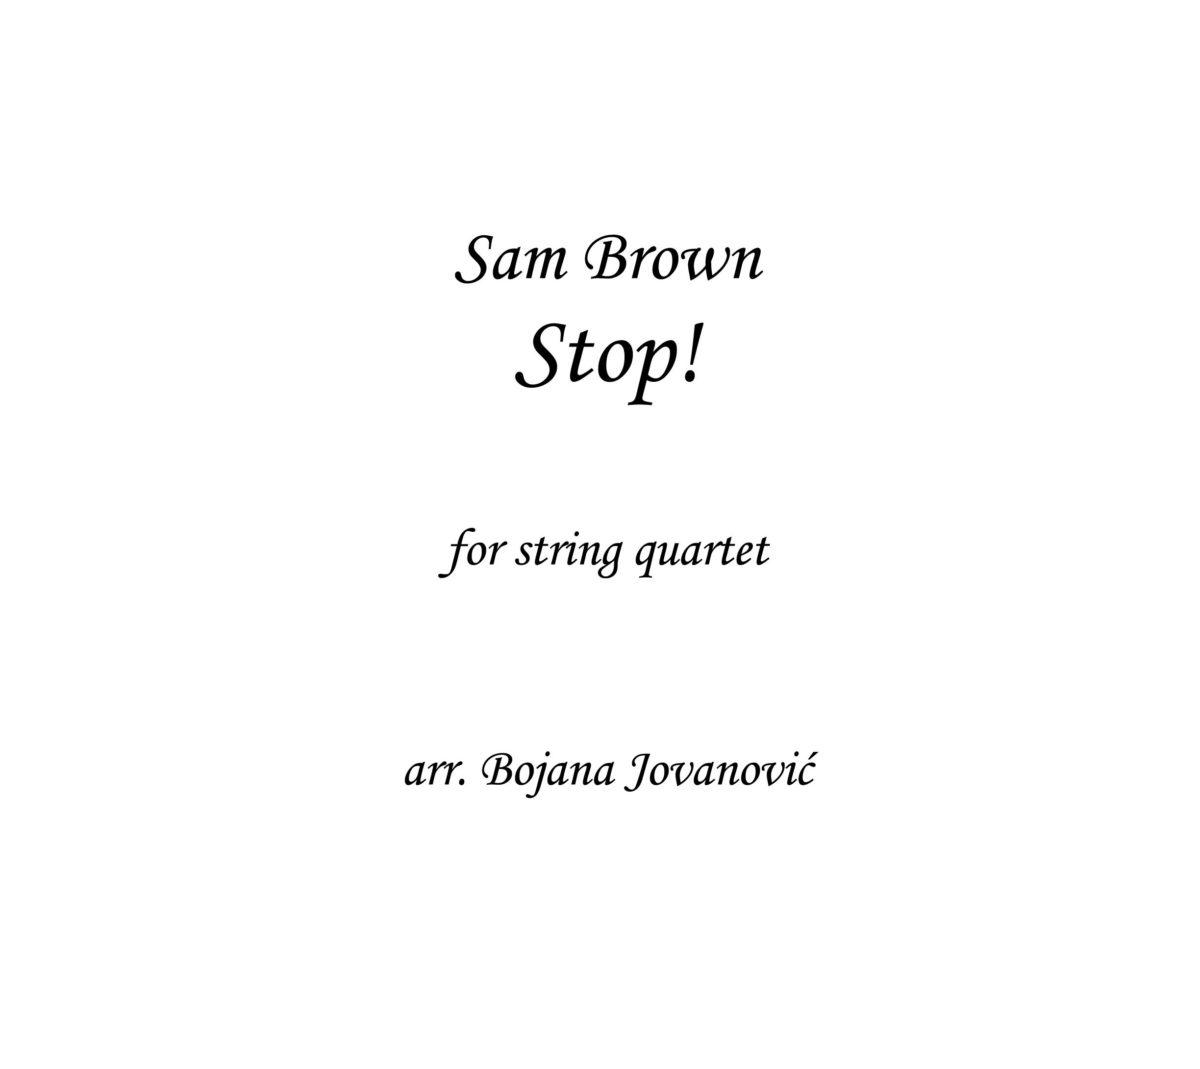 Stop! (Sam Brown) - Sheet Music